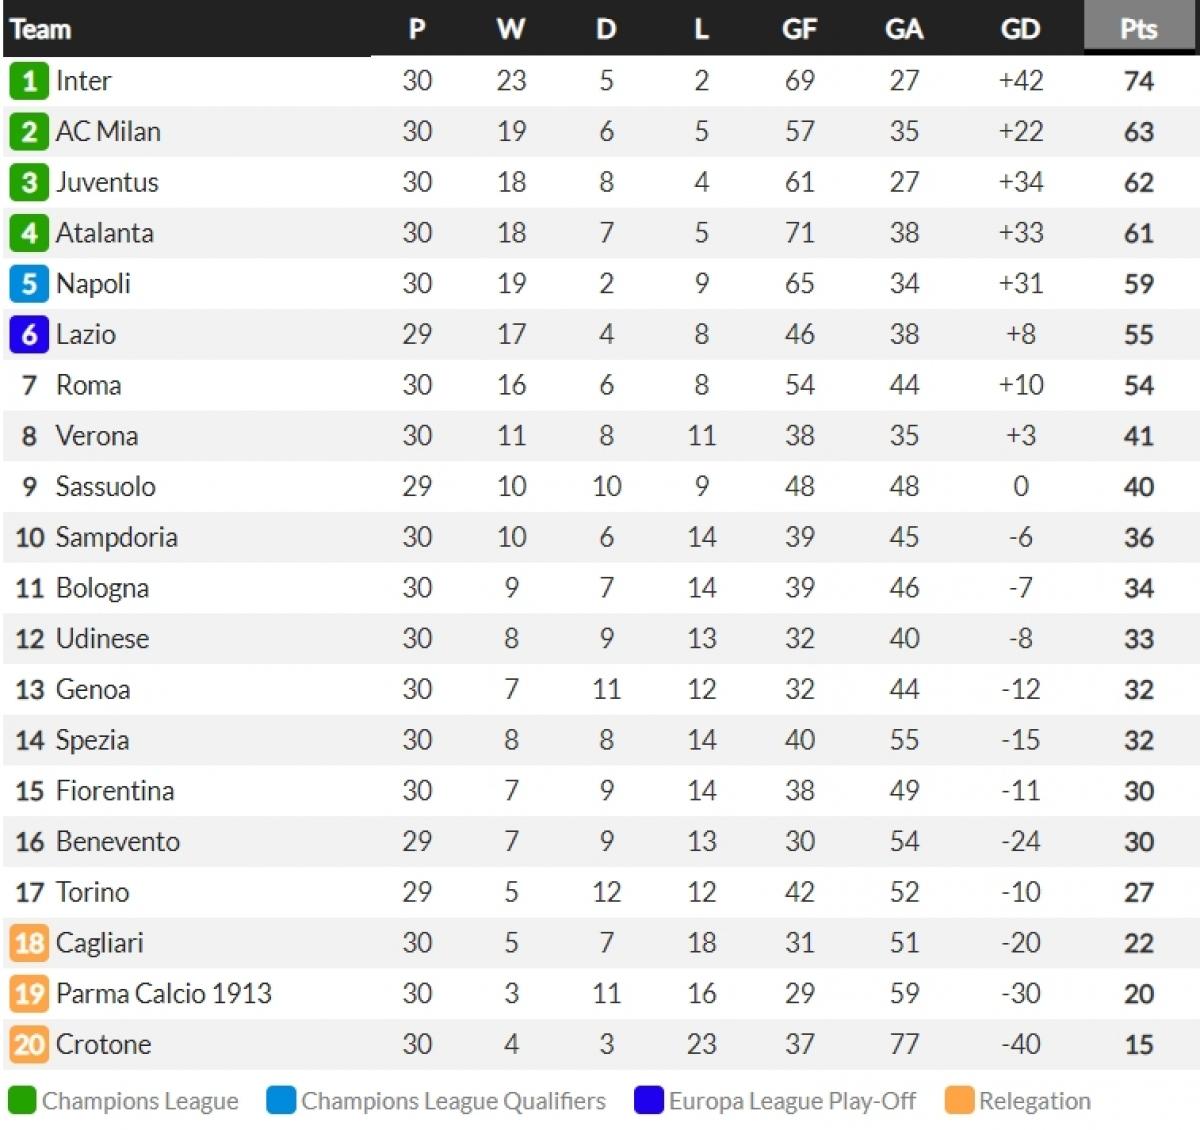 Chiến thắng 3-1 trước Genoa giúp Juventus tiếp tục đứng thứ 3 trên bảng xếp hạng Serie A với 12 điểm ít hơn ngôi đầu của Inter Milan.